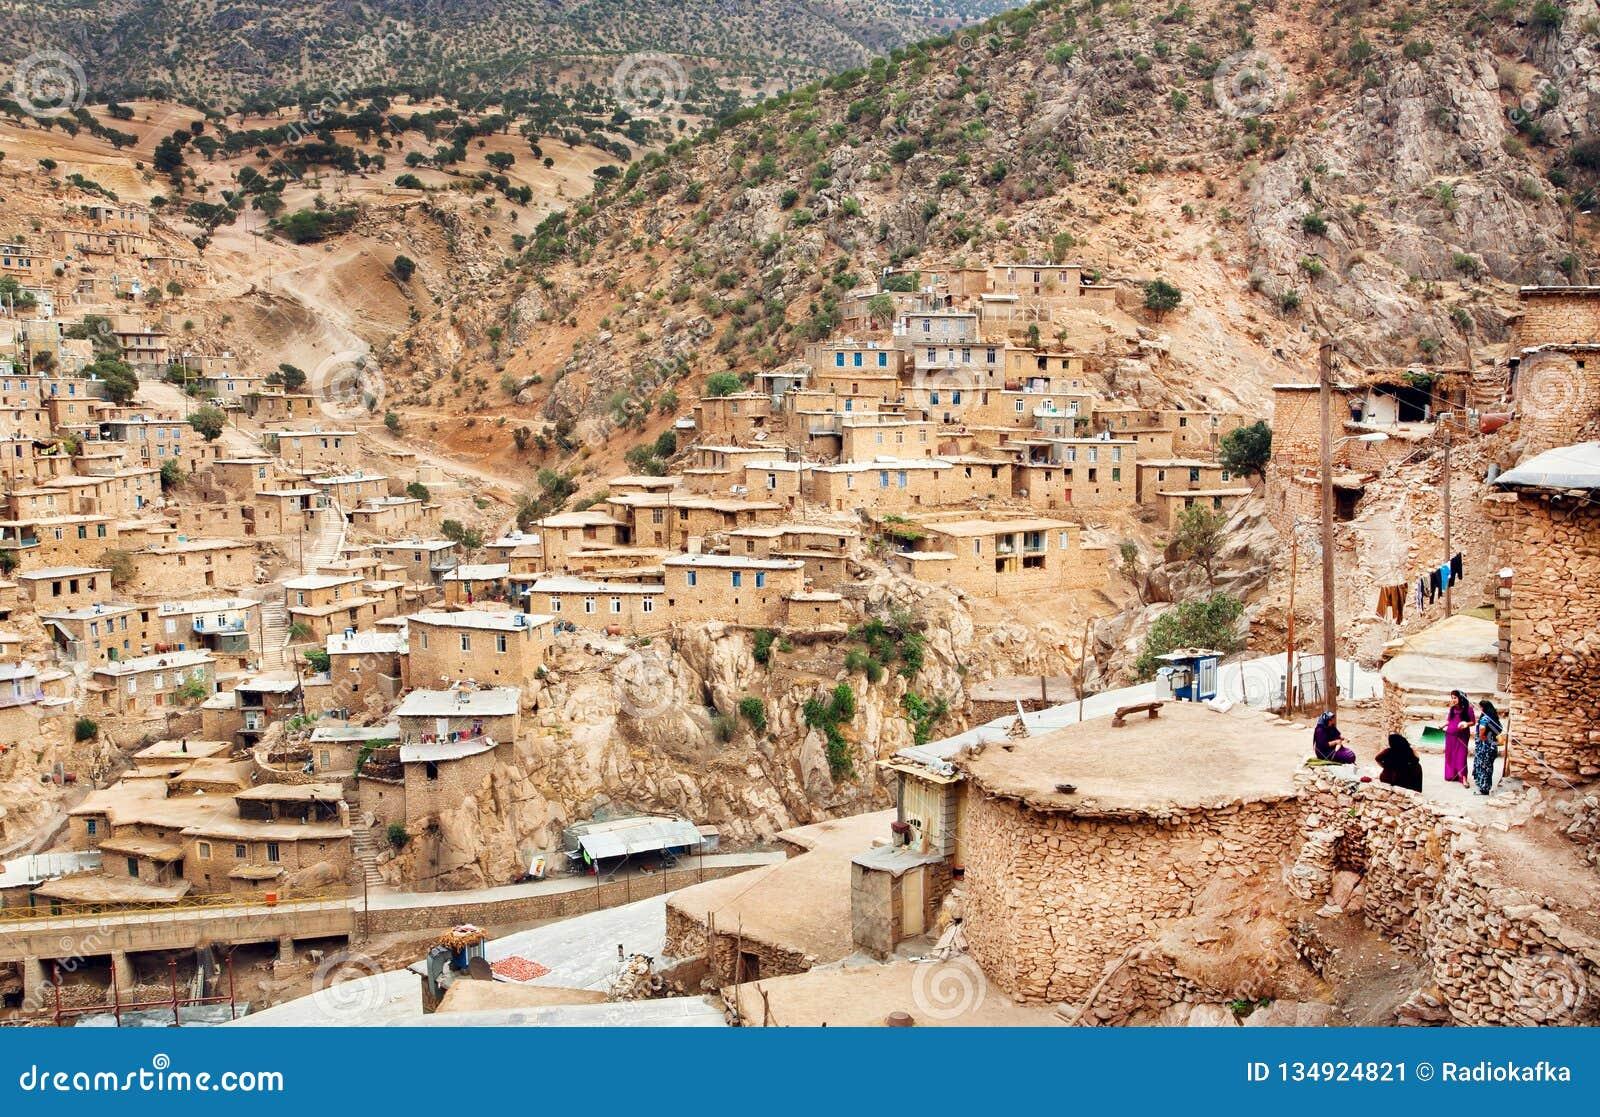 Wiejski kobiet spotykać plenerowy w małej górskiej wiosce z biednymi glinianymi domami